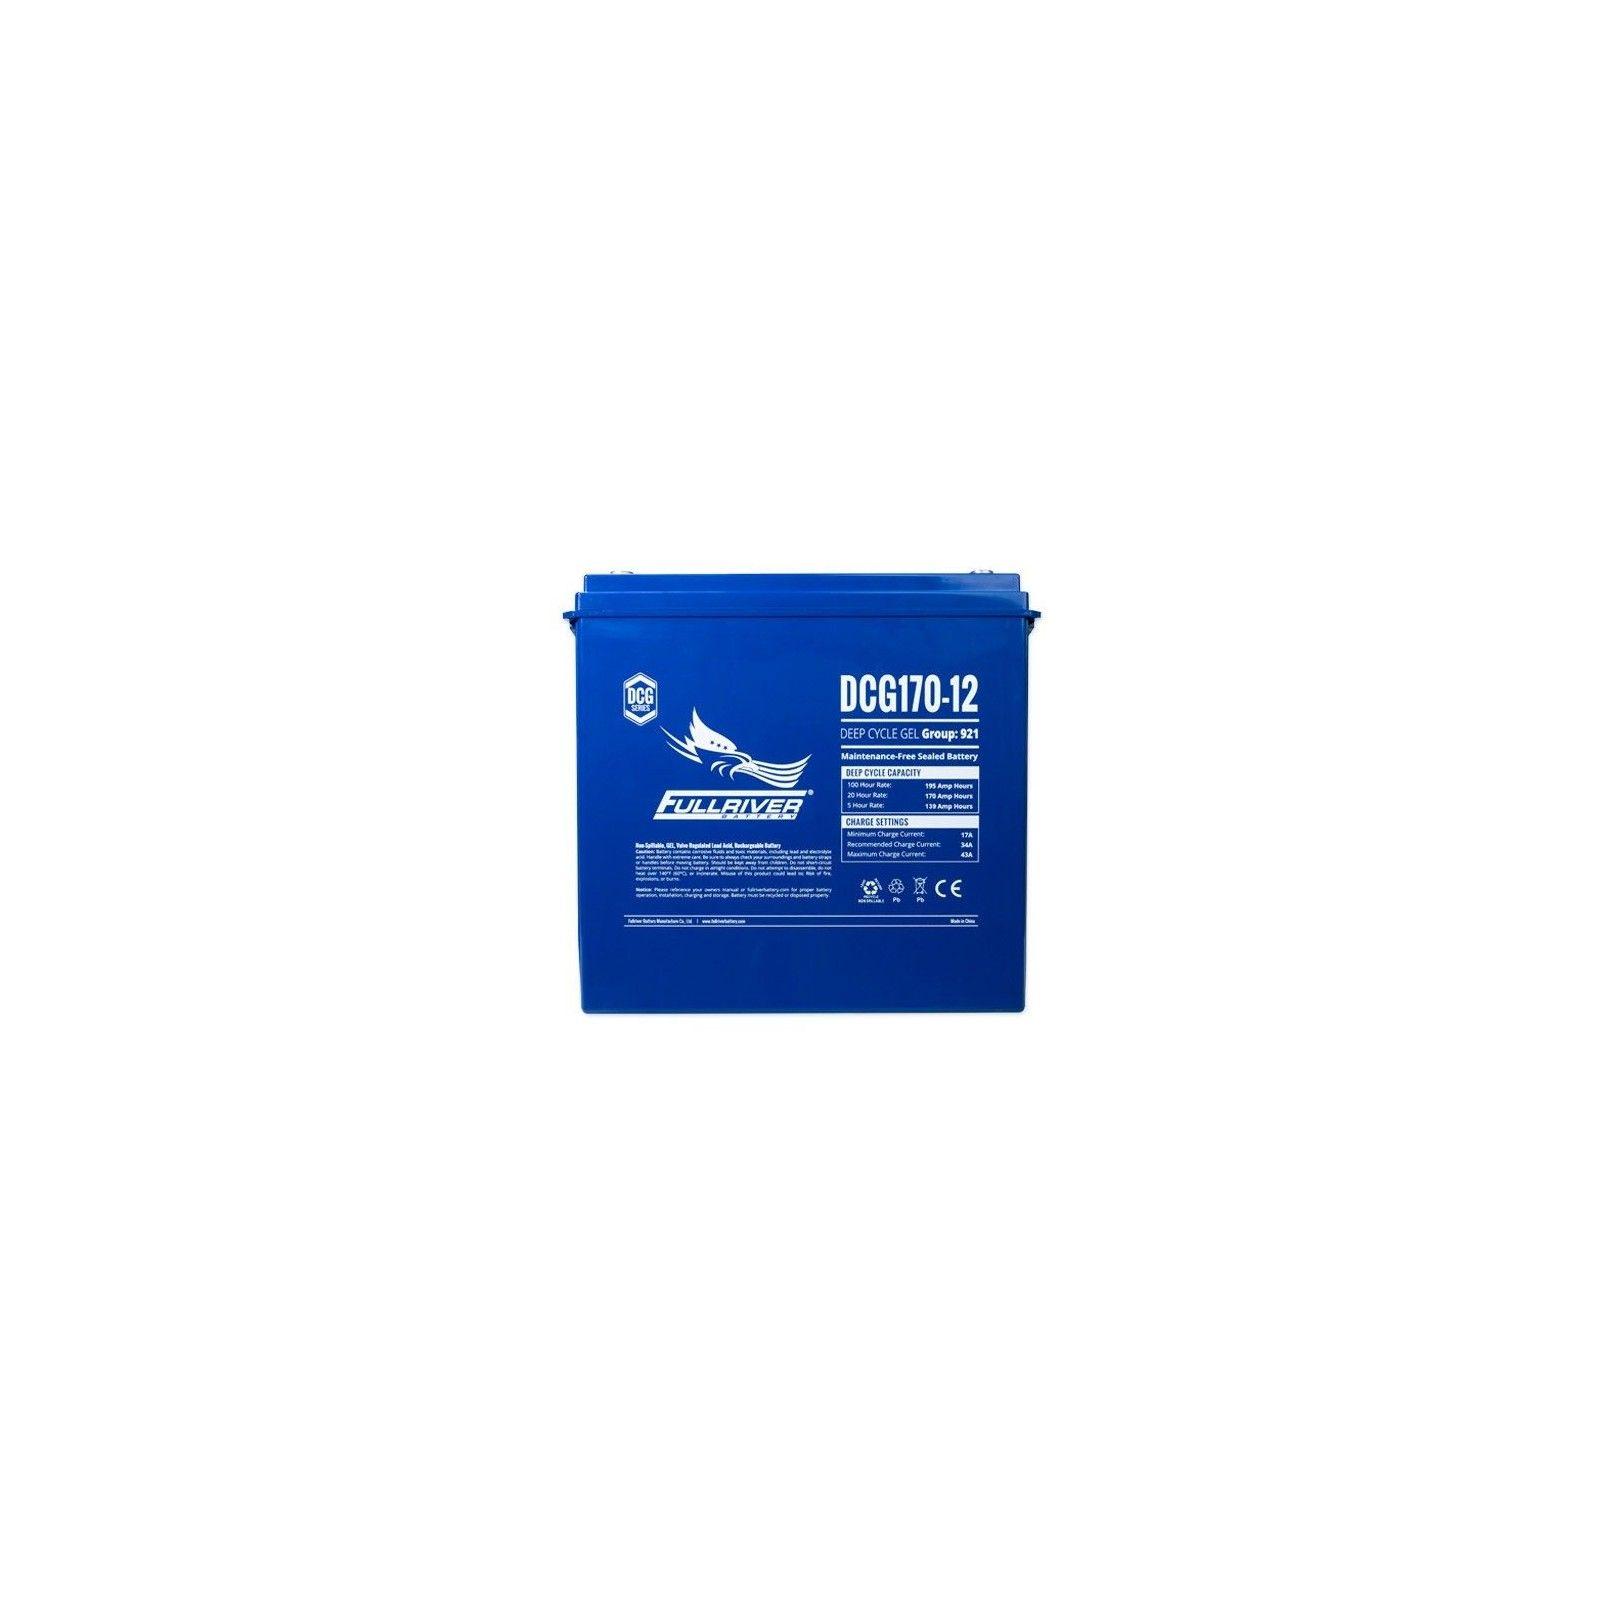 BATTERY VARTA D24 12V 60AH 540A  - 1